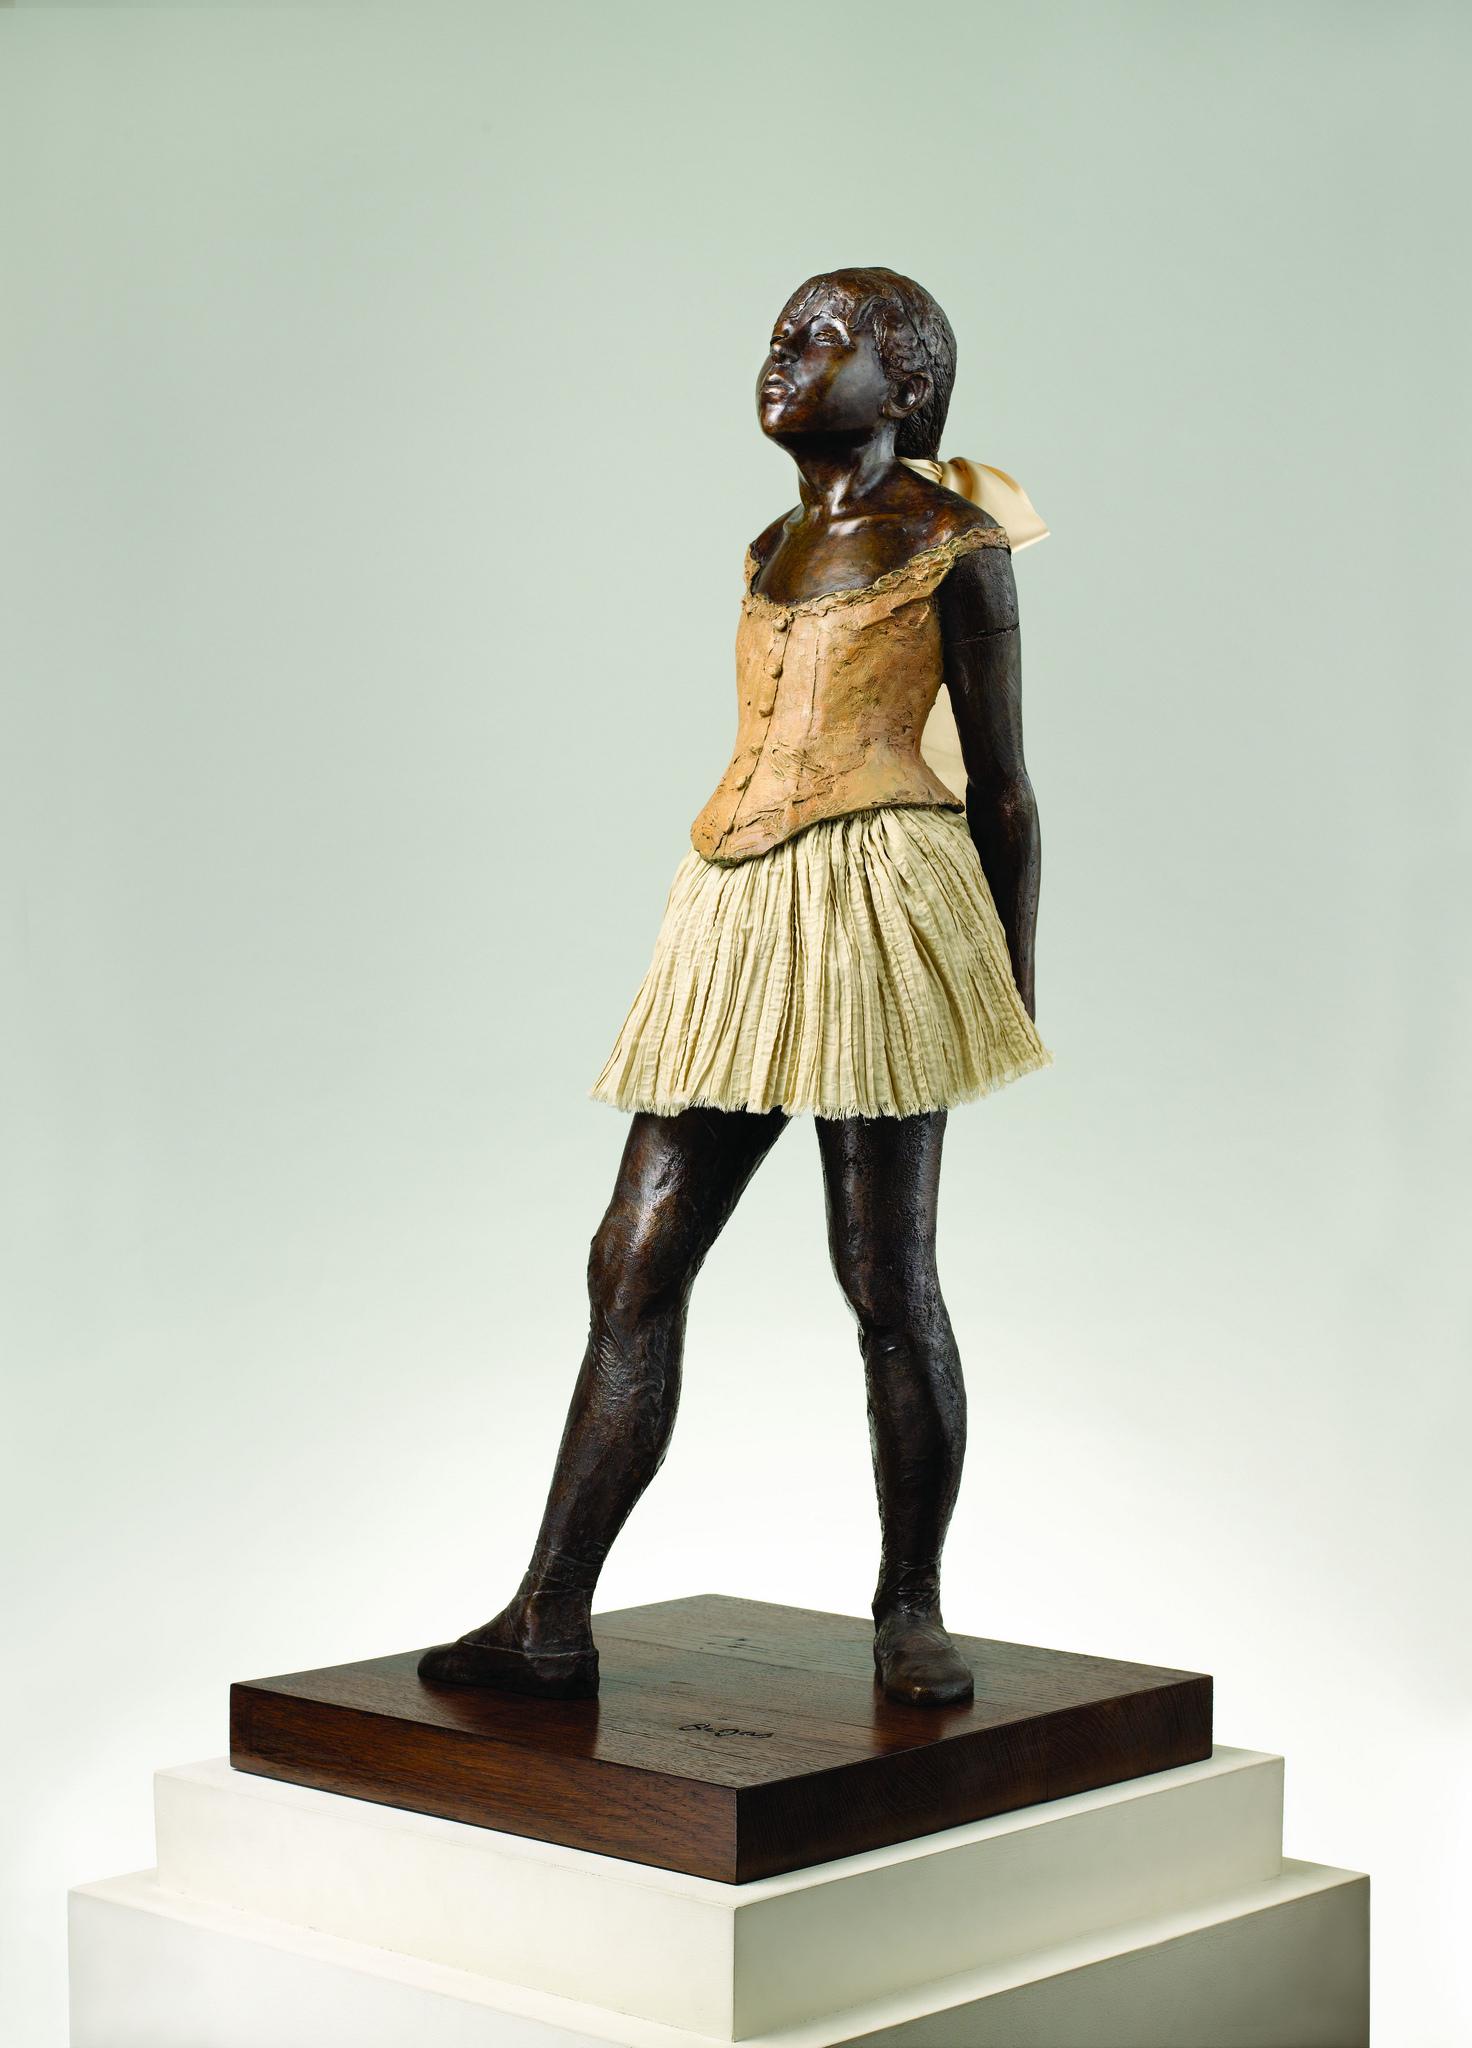 La petite danseuse de 14 ans, 1881 by Edgar Degas